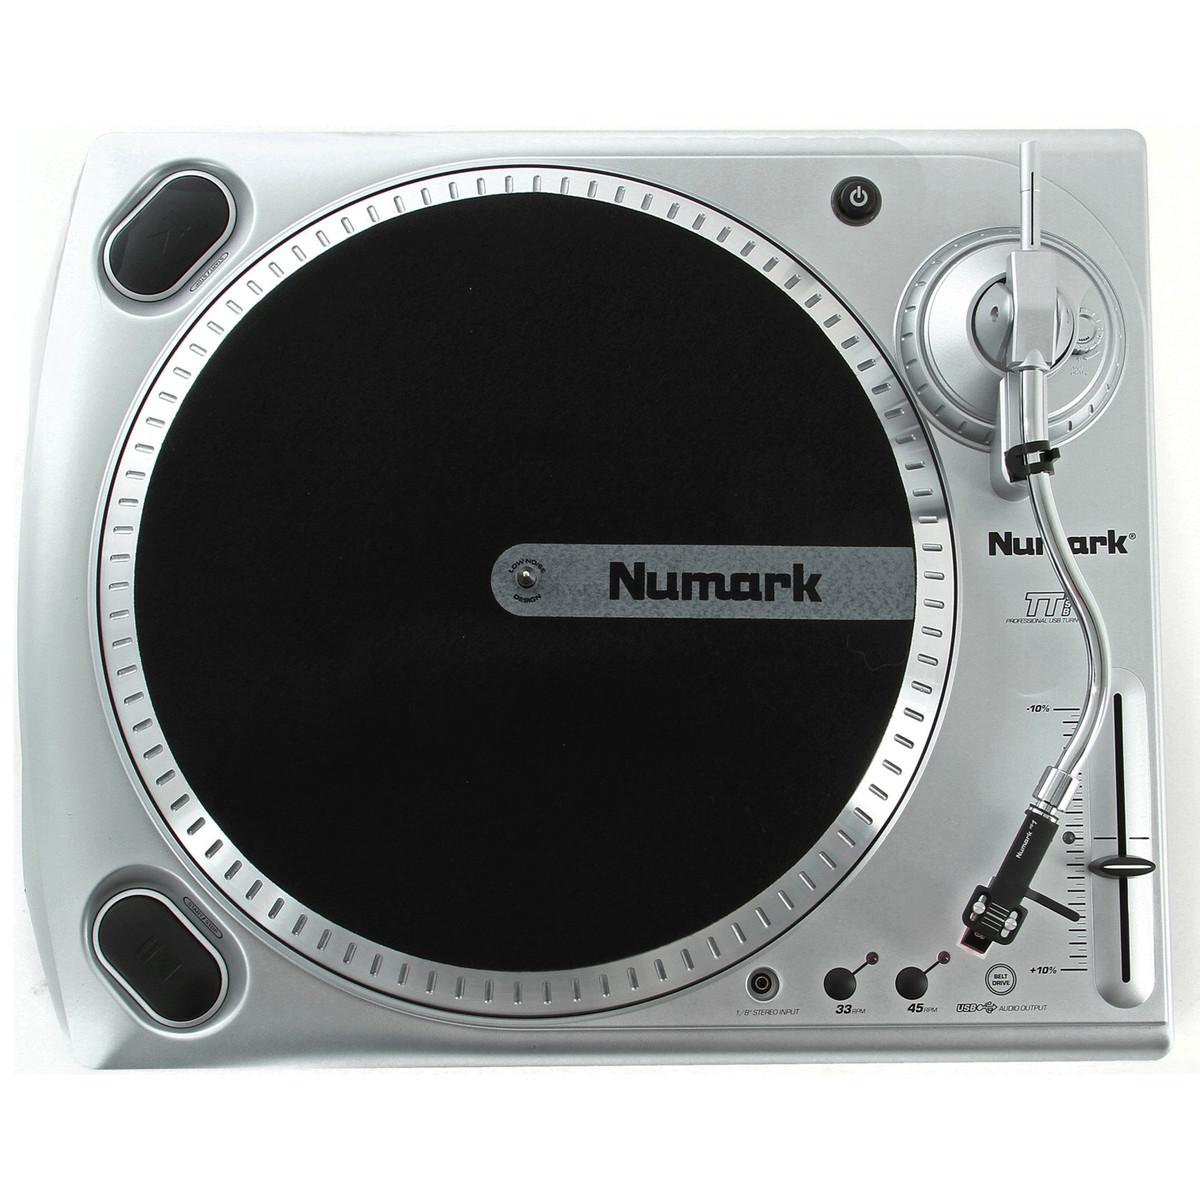 Numark TT USB Turntable with USB Audio - Box Opened